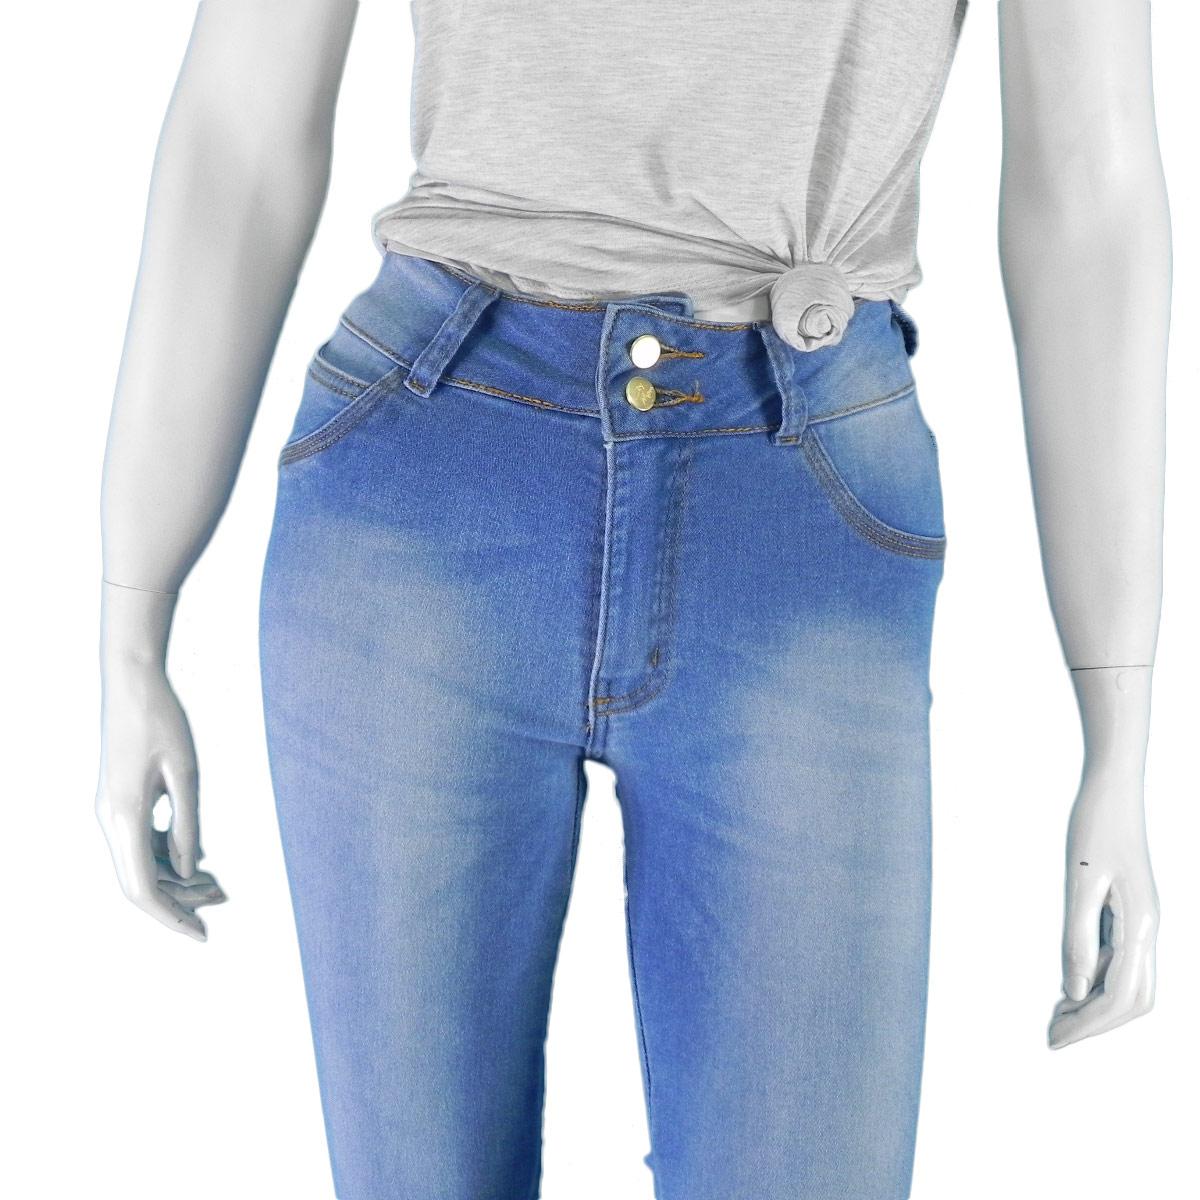 Calça Fem Jeans Skinny 2 Botoes